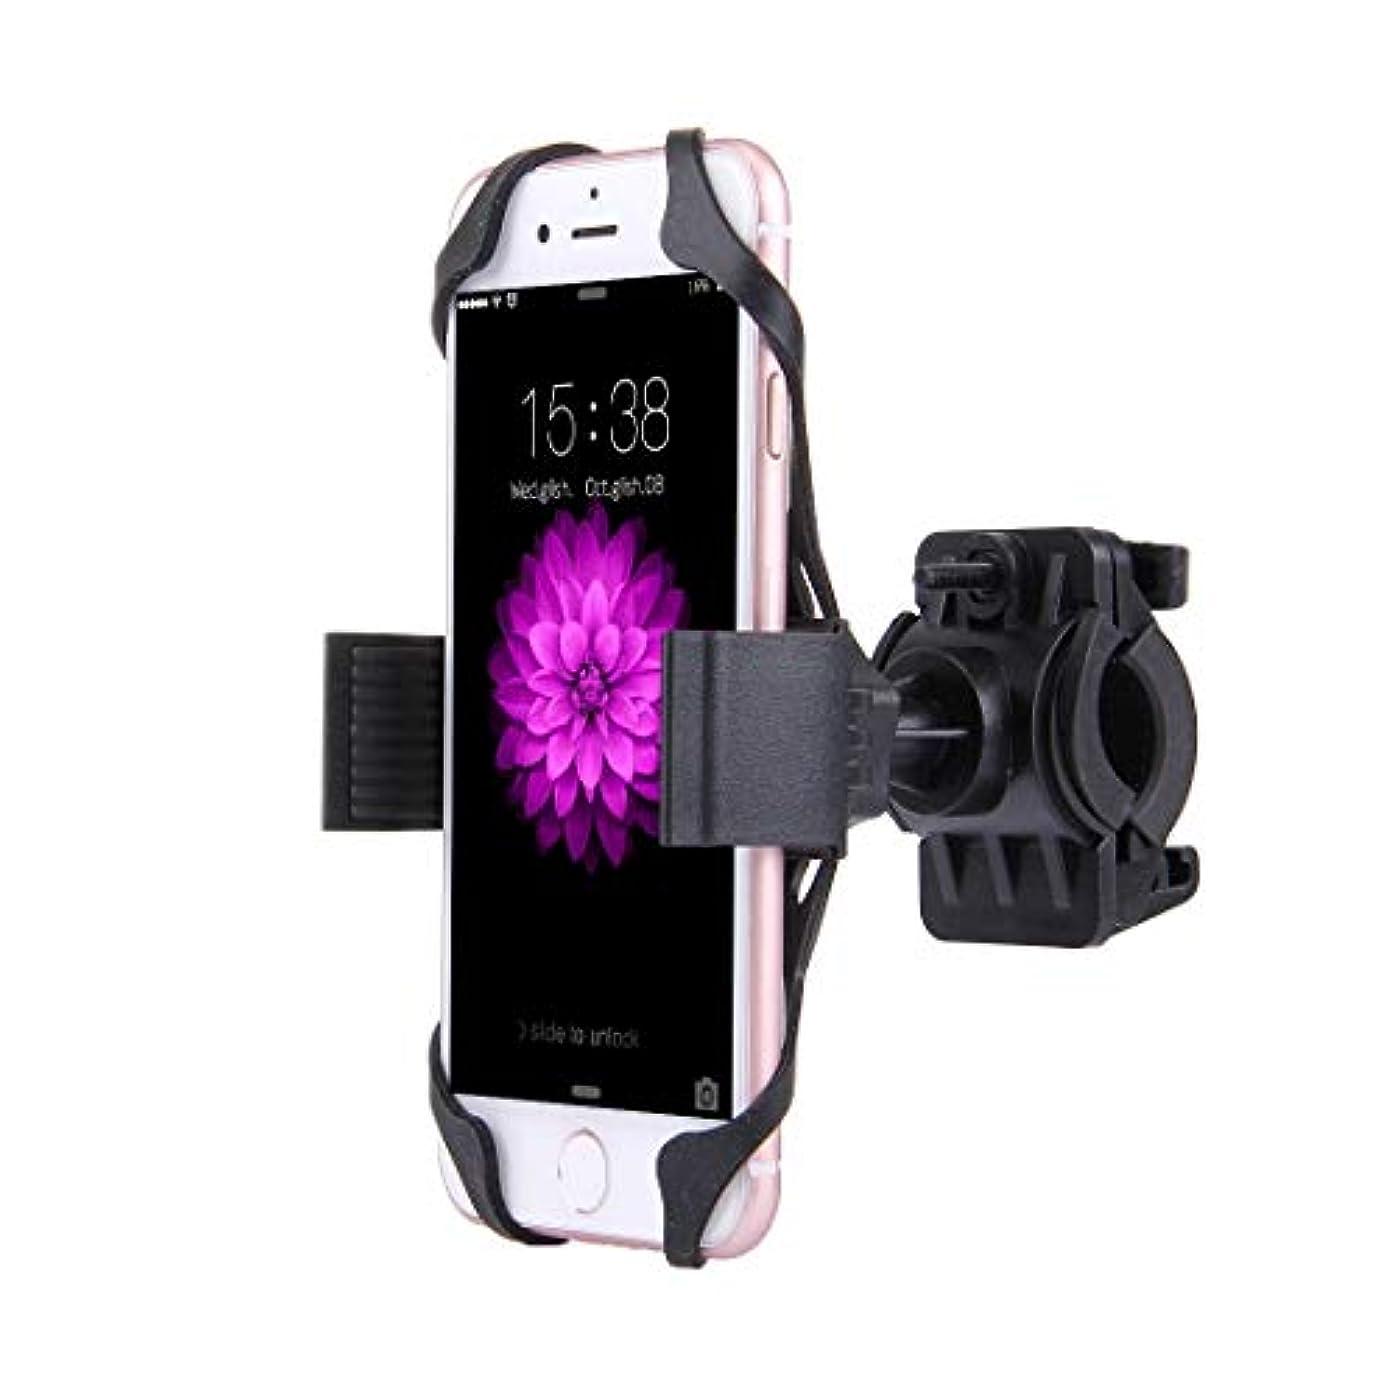 世代タヒチ影響IPhone X XS / 7&7プラス/ iPhone 6&6プラス/ iPhone 5&5C&のための柔軟なストレッチクリップとXM 360度回転自転車携帯電話ホルダーはブラックREDの5S (Color : Black)